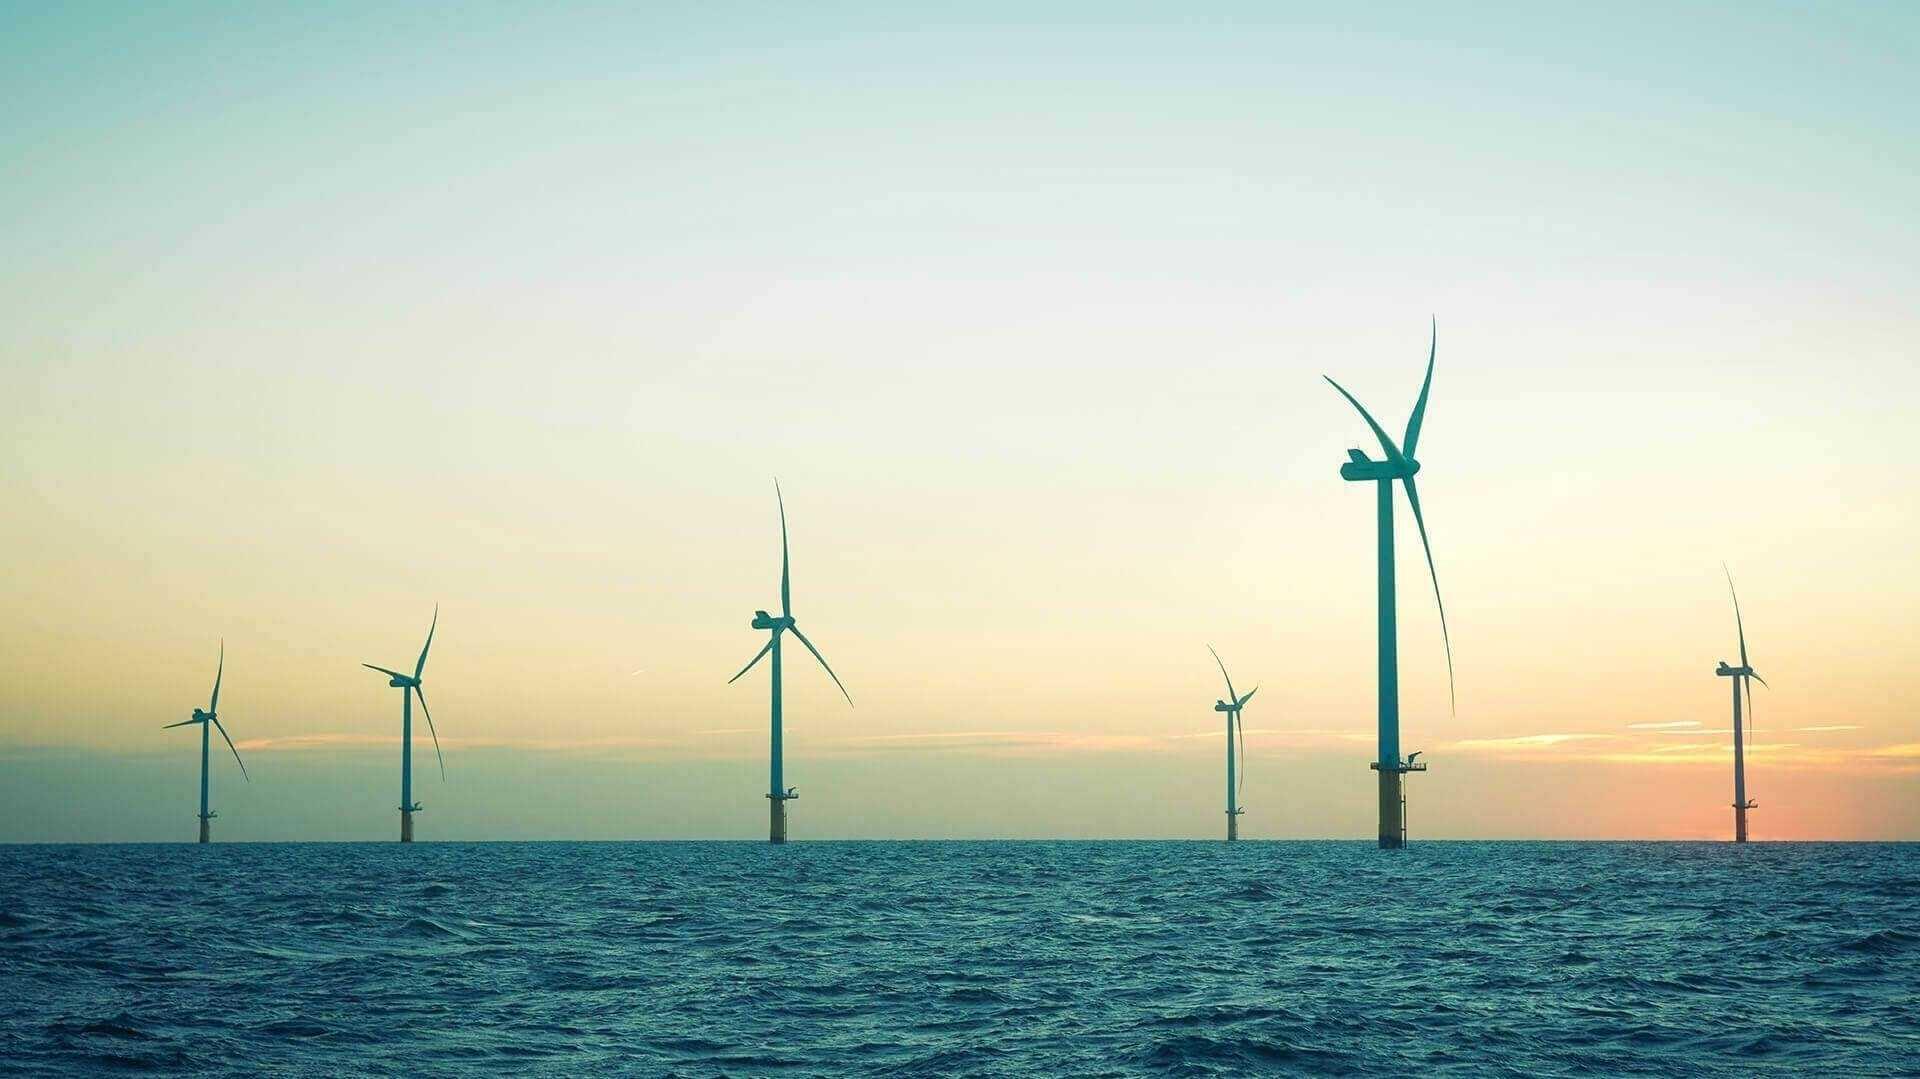 Ökostrom-Produktion legt 2017 um 20 Prozent zu